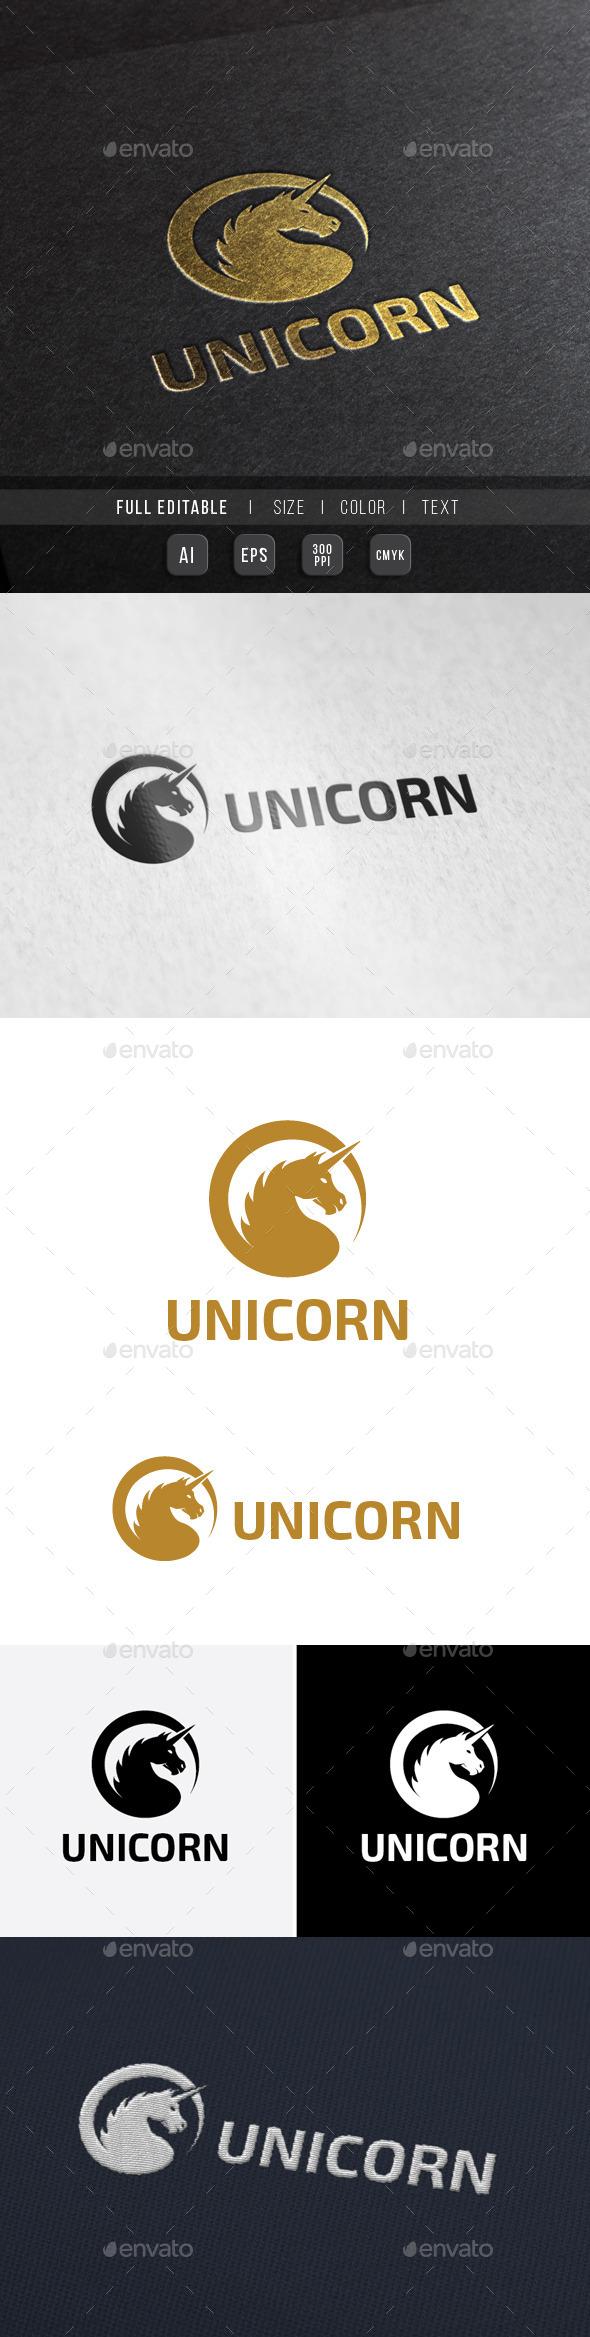 Royal Knight Unicorn